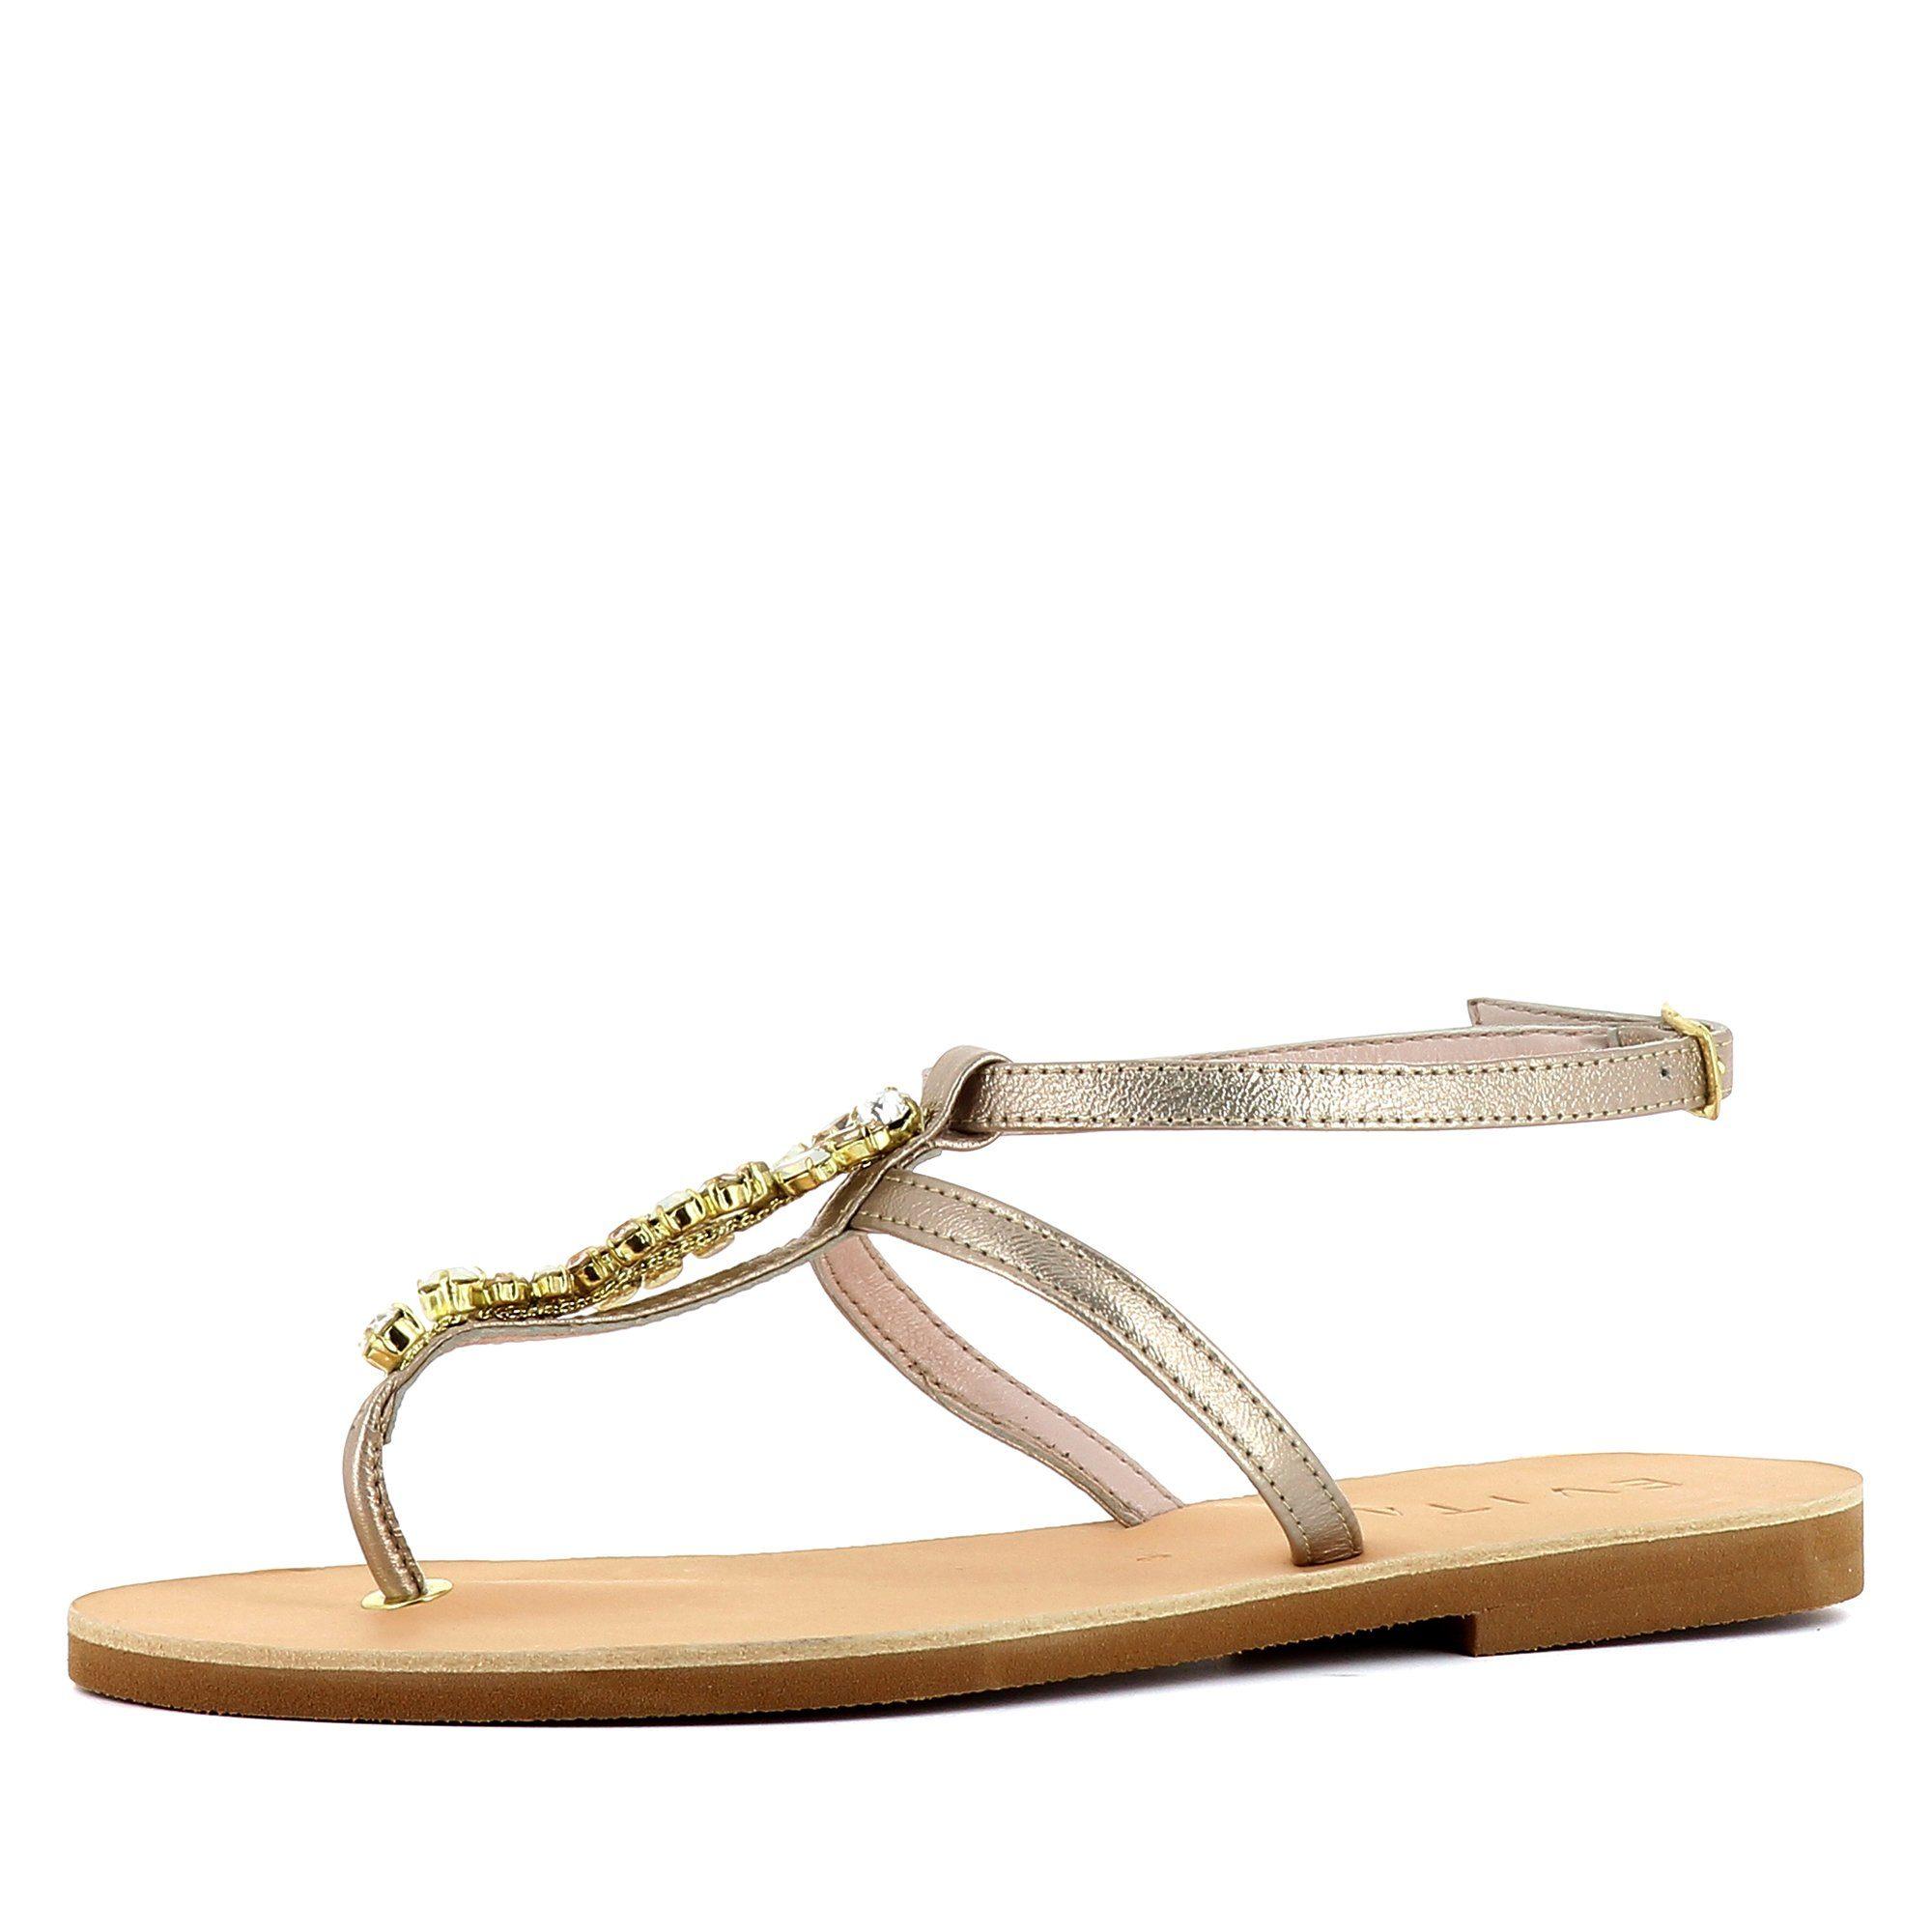 Evita GRETA Riemchensandalette, Sandale kaufen  bronzefarben